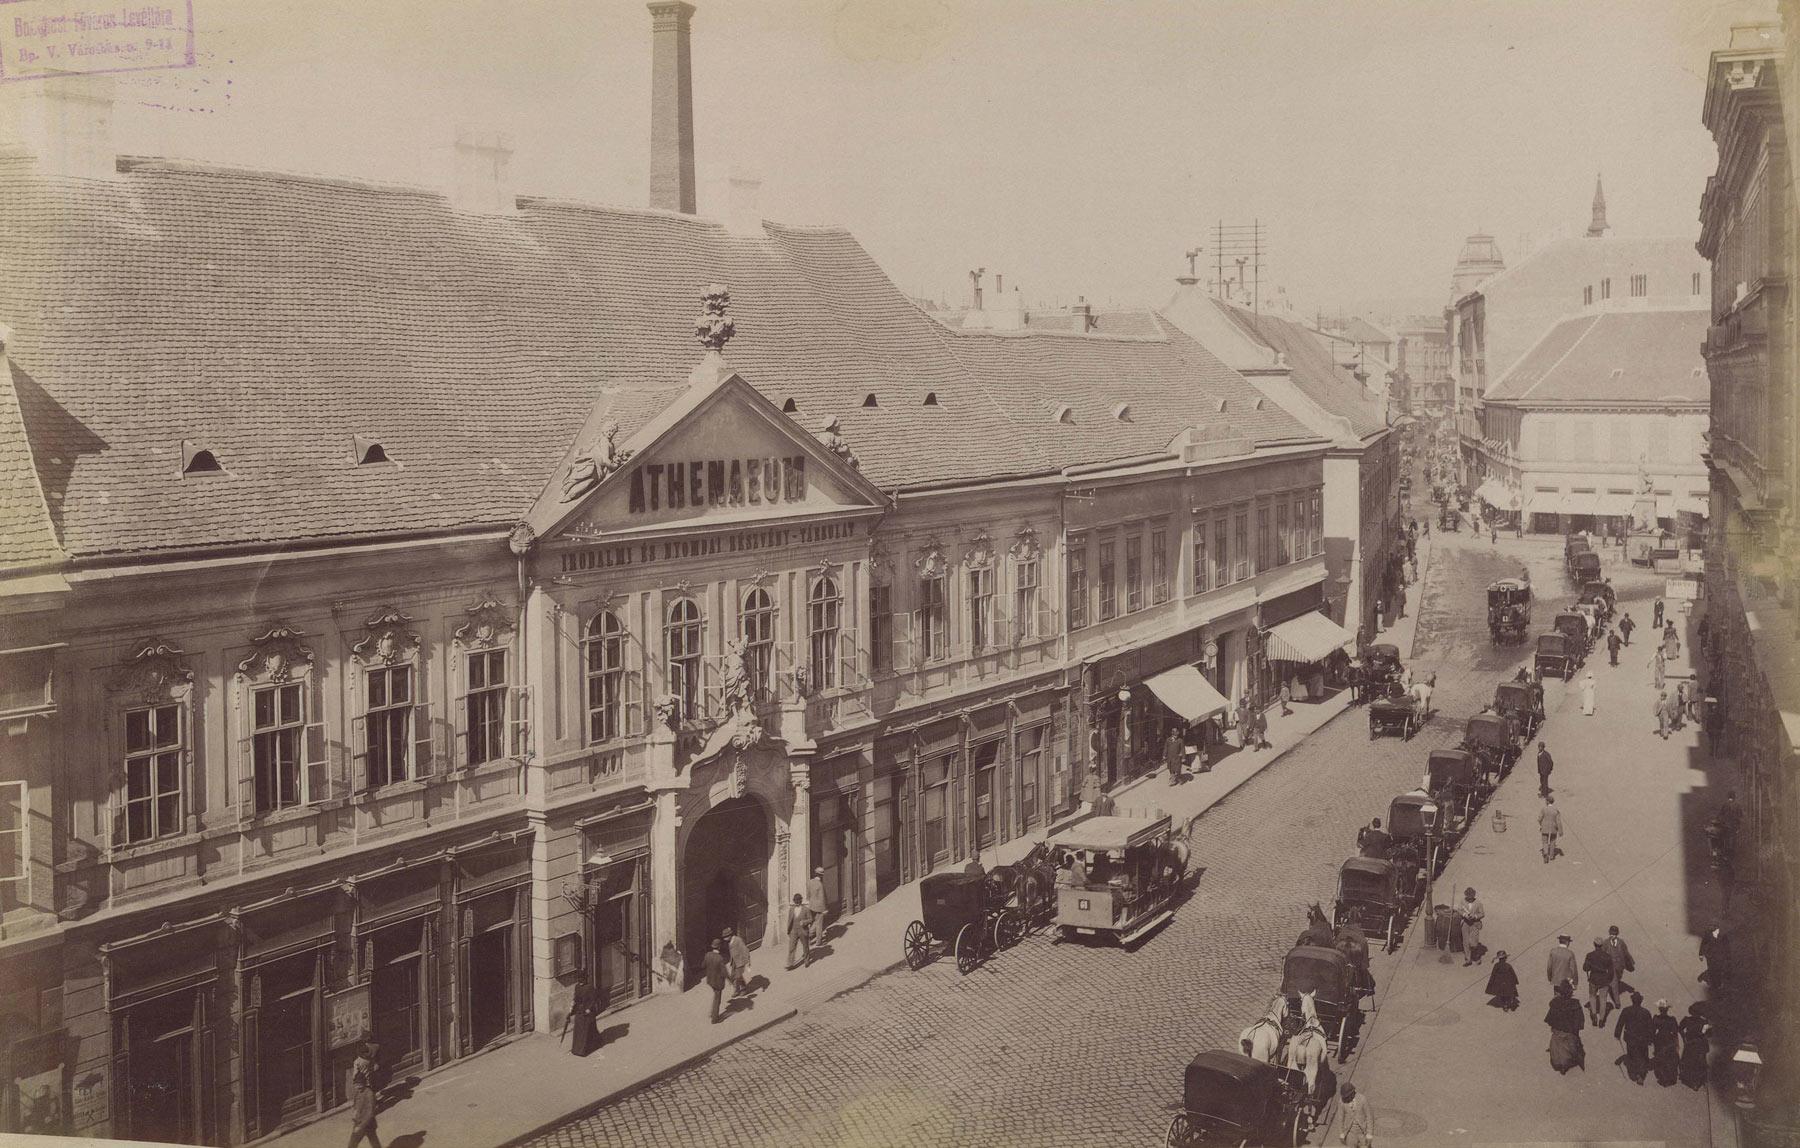 omnibusz_atheneum_1894.jpg